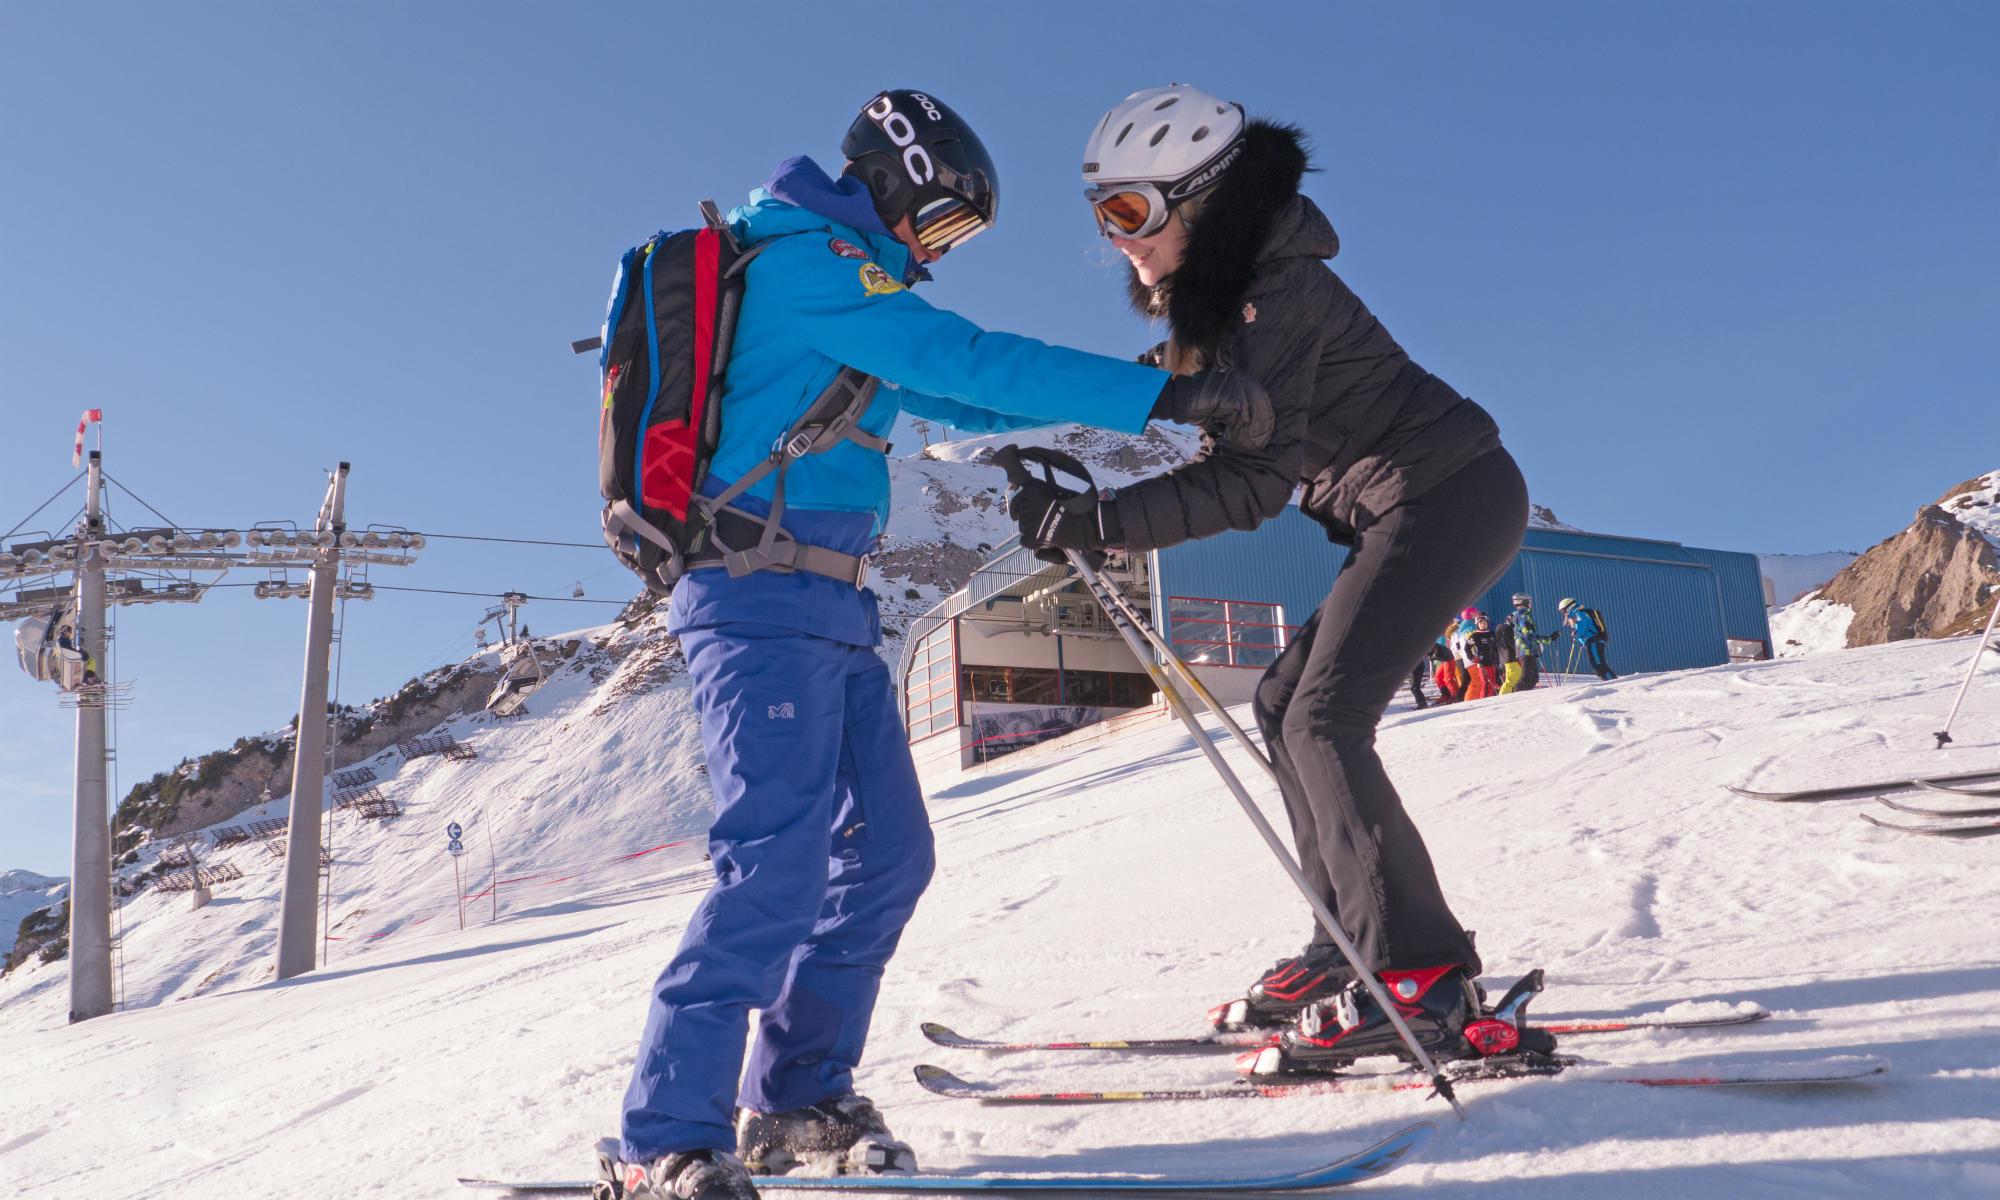 Un maestro di sci aiuta una sciatrice a mantenere la postura corretta in pista